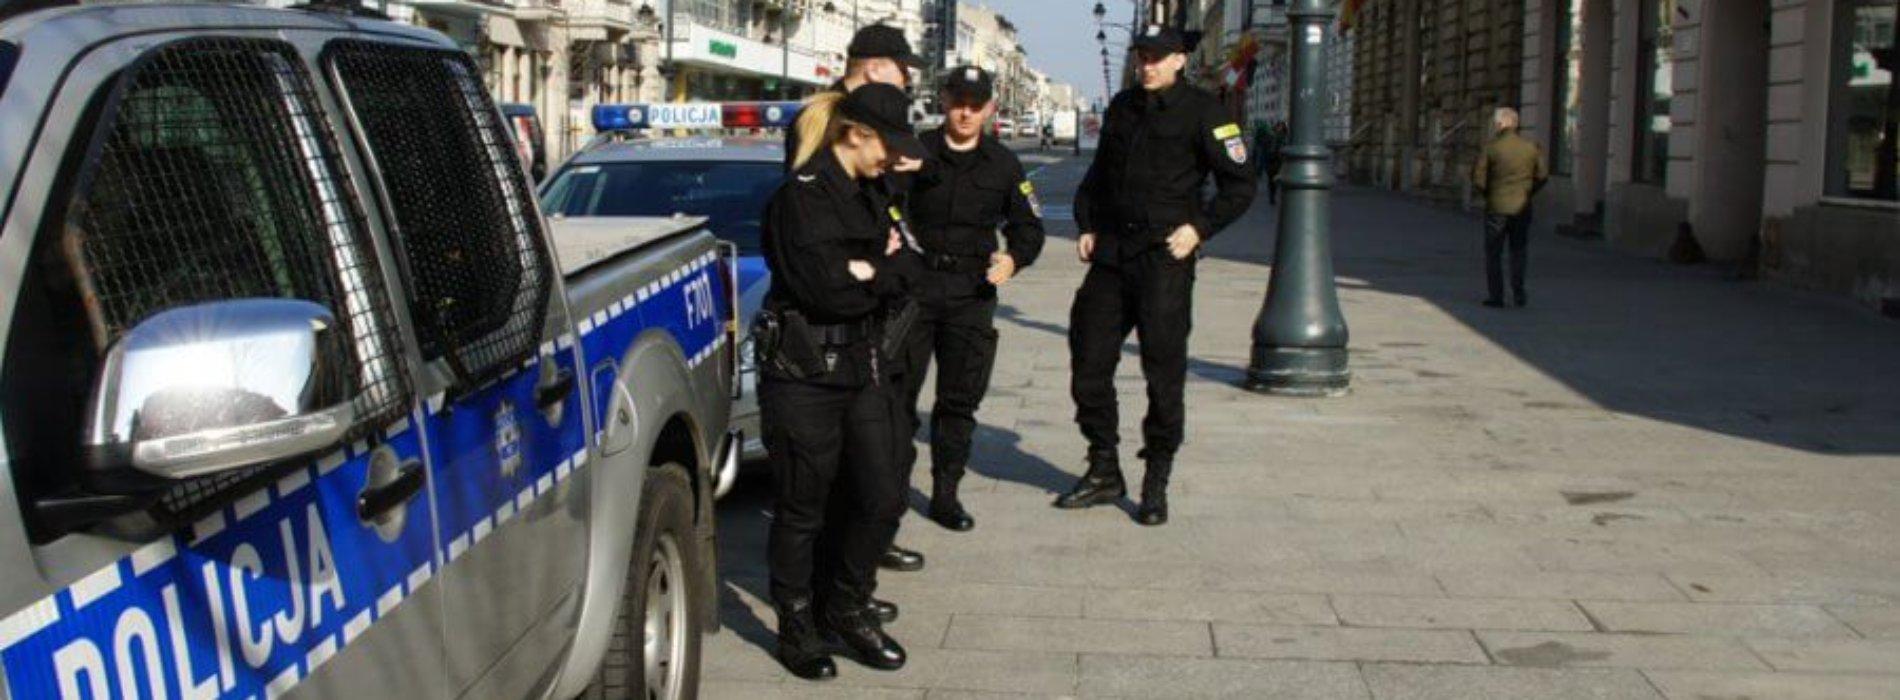 ŁÓDZCY POLICJANCI SPOKREWNIENI SŁUŻBĄ